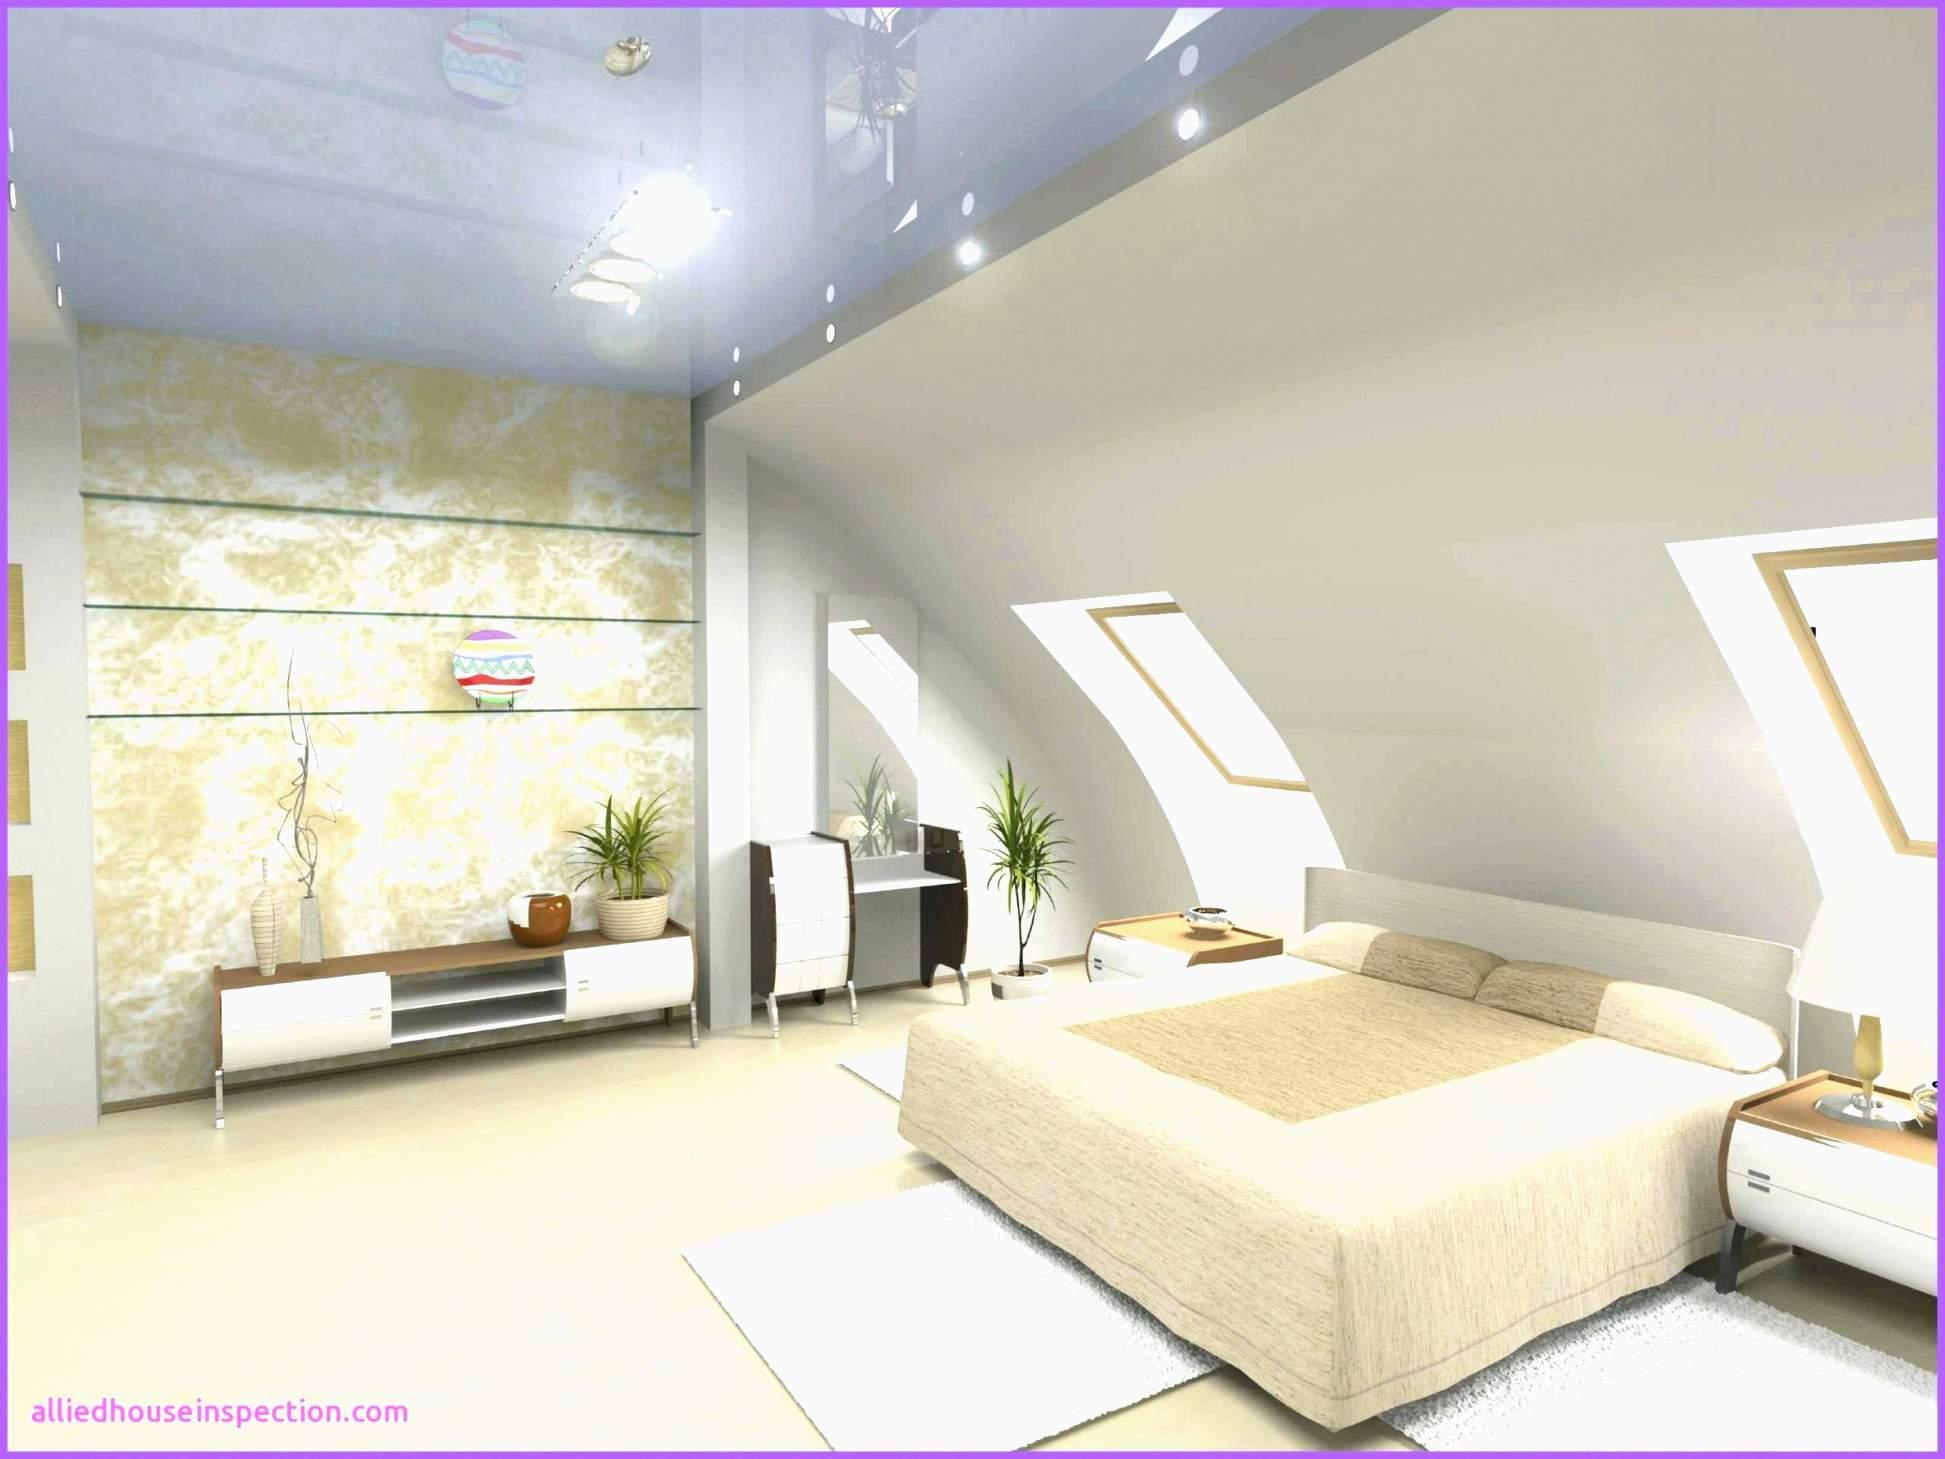 Full Size of Wohnzimmer Tapezieren Oder Streichen Tapete Wohnzimmer Dunkel Wohnzimmer Tapeten 3d Wohnzimmer Tapezieren Ideen Wohnzimmer Wohnzimmer Tapete